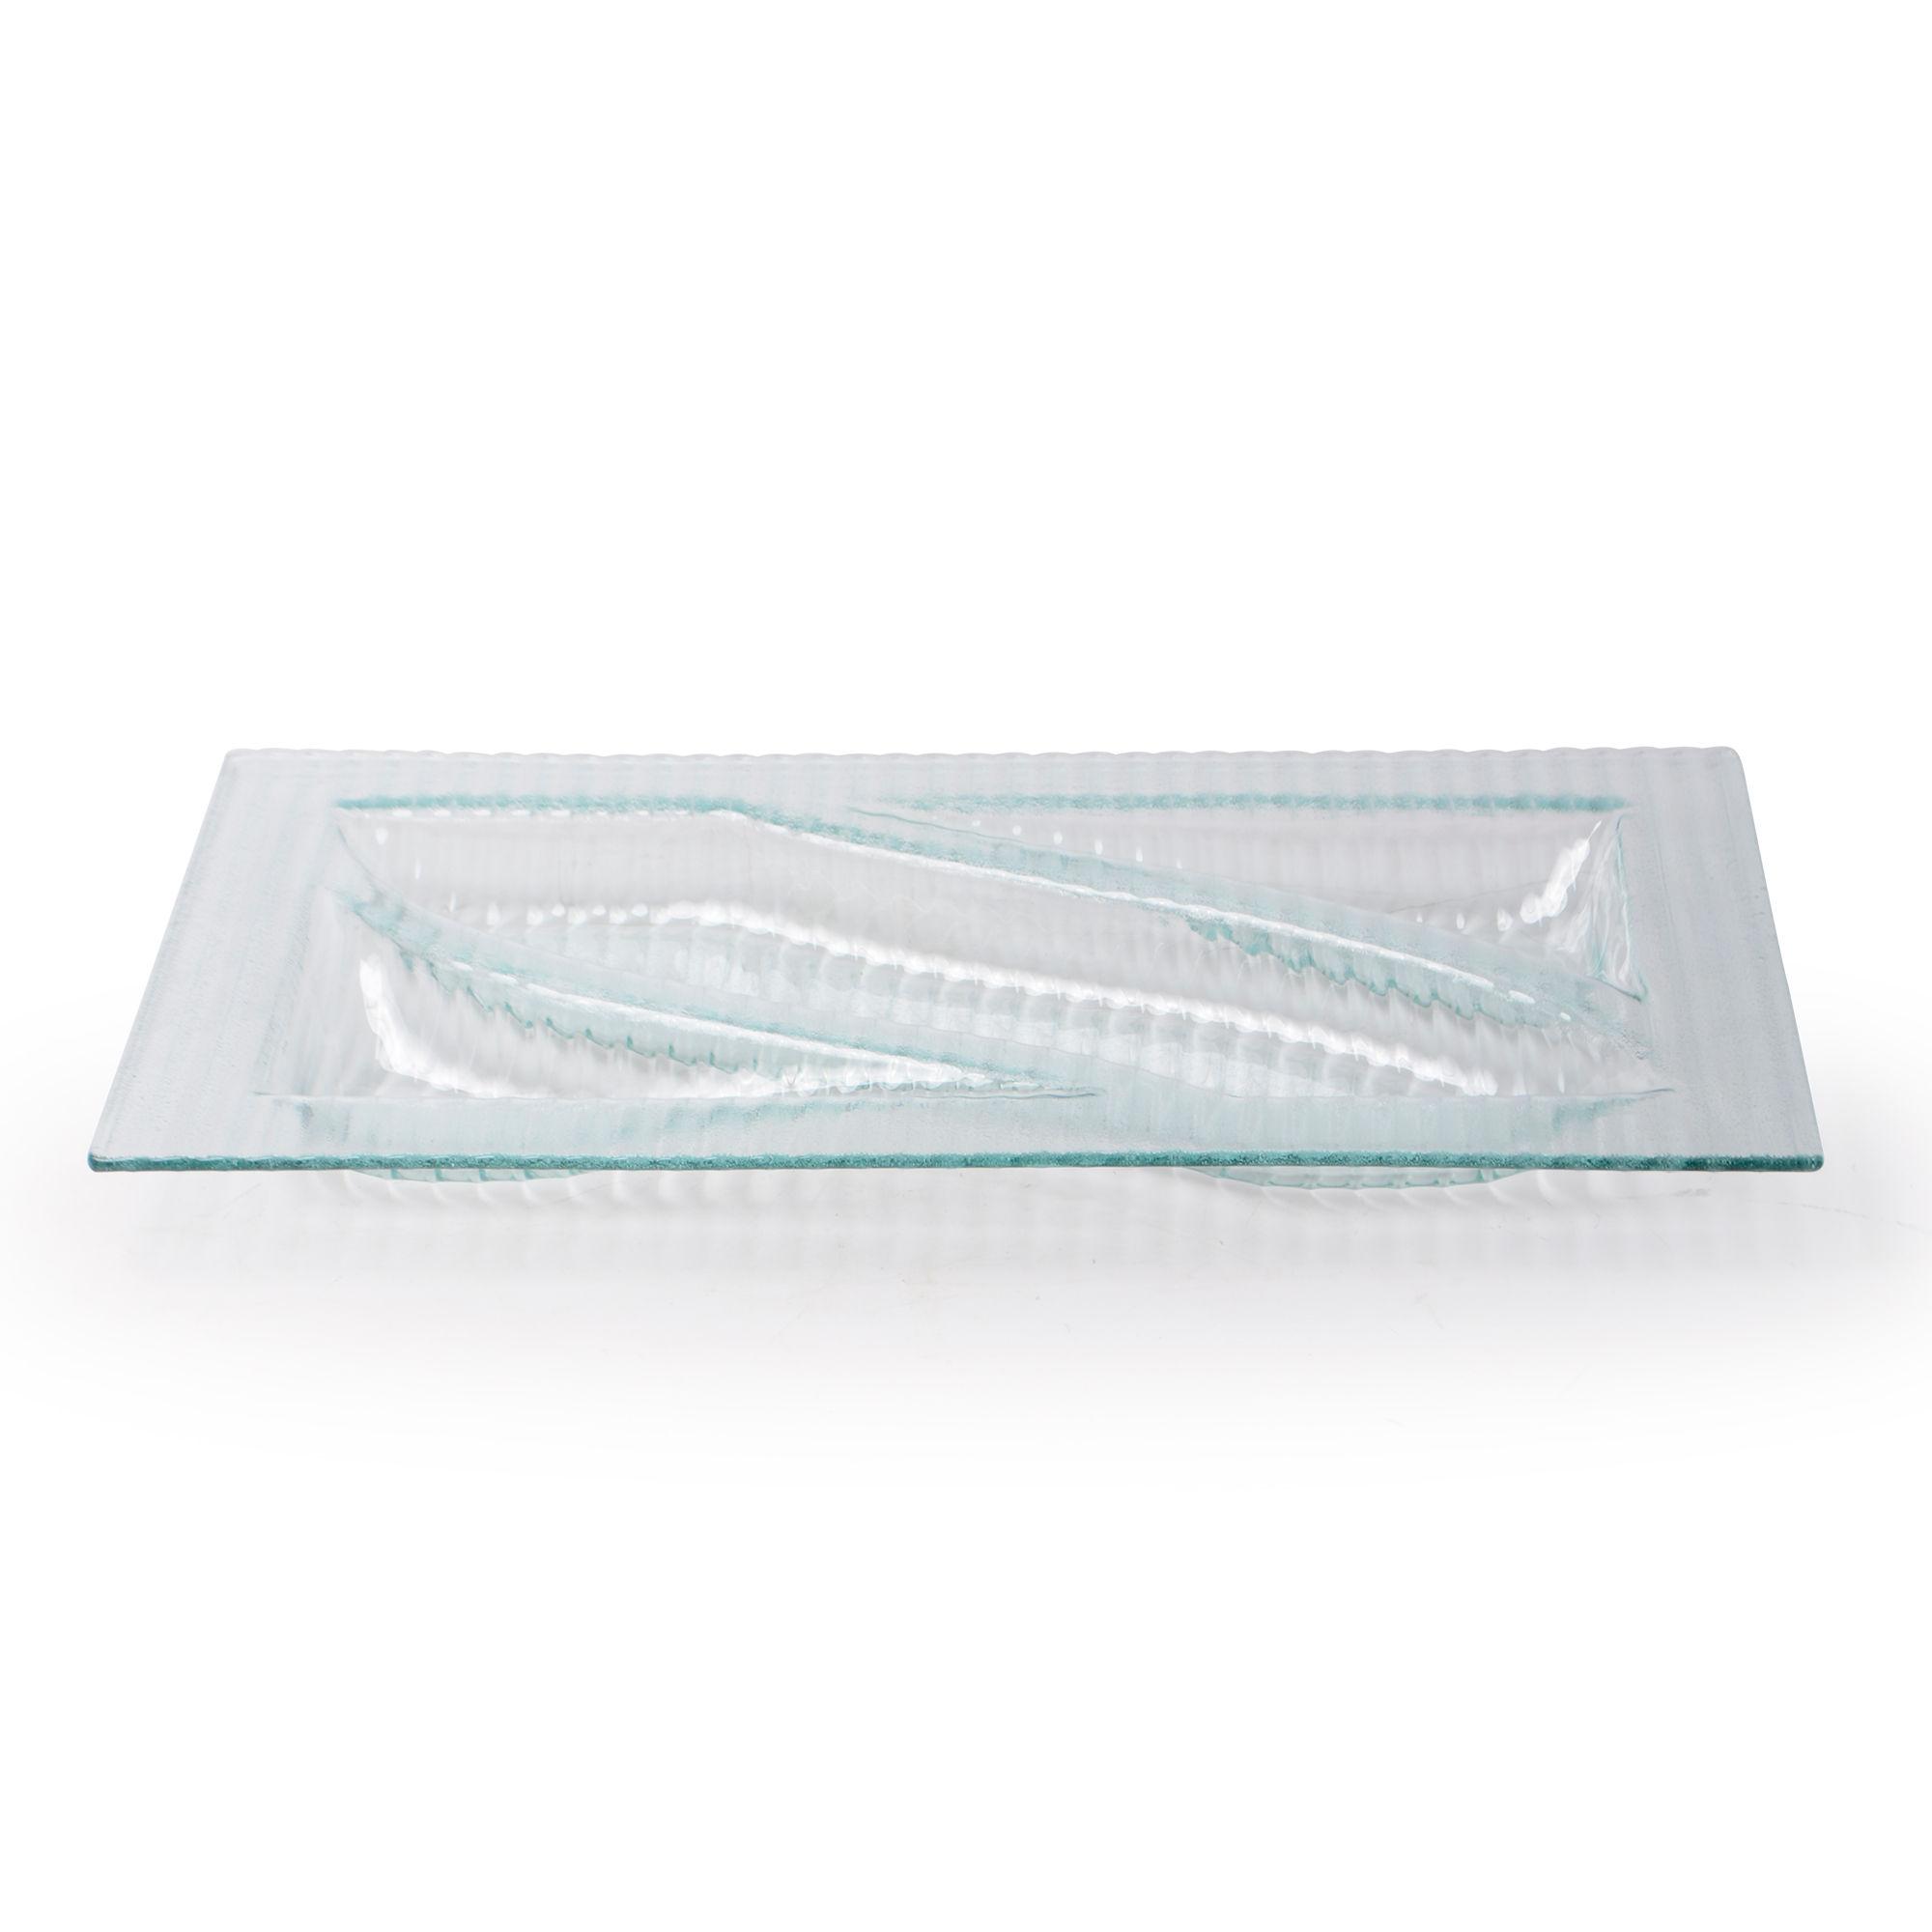 Petisqueira de vidro